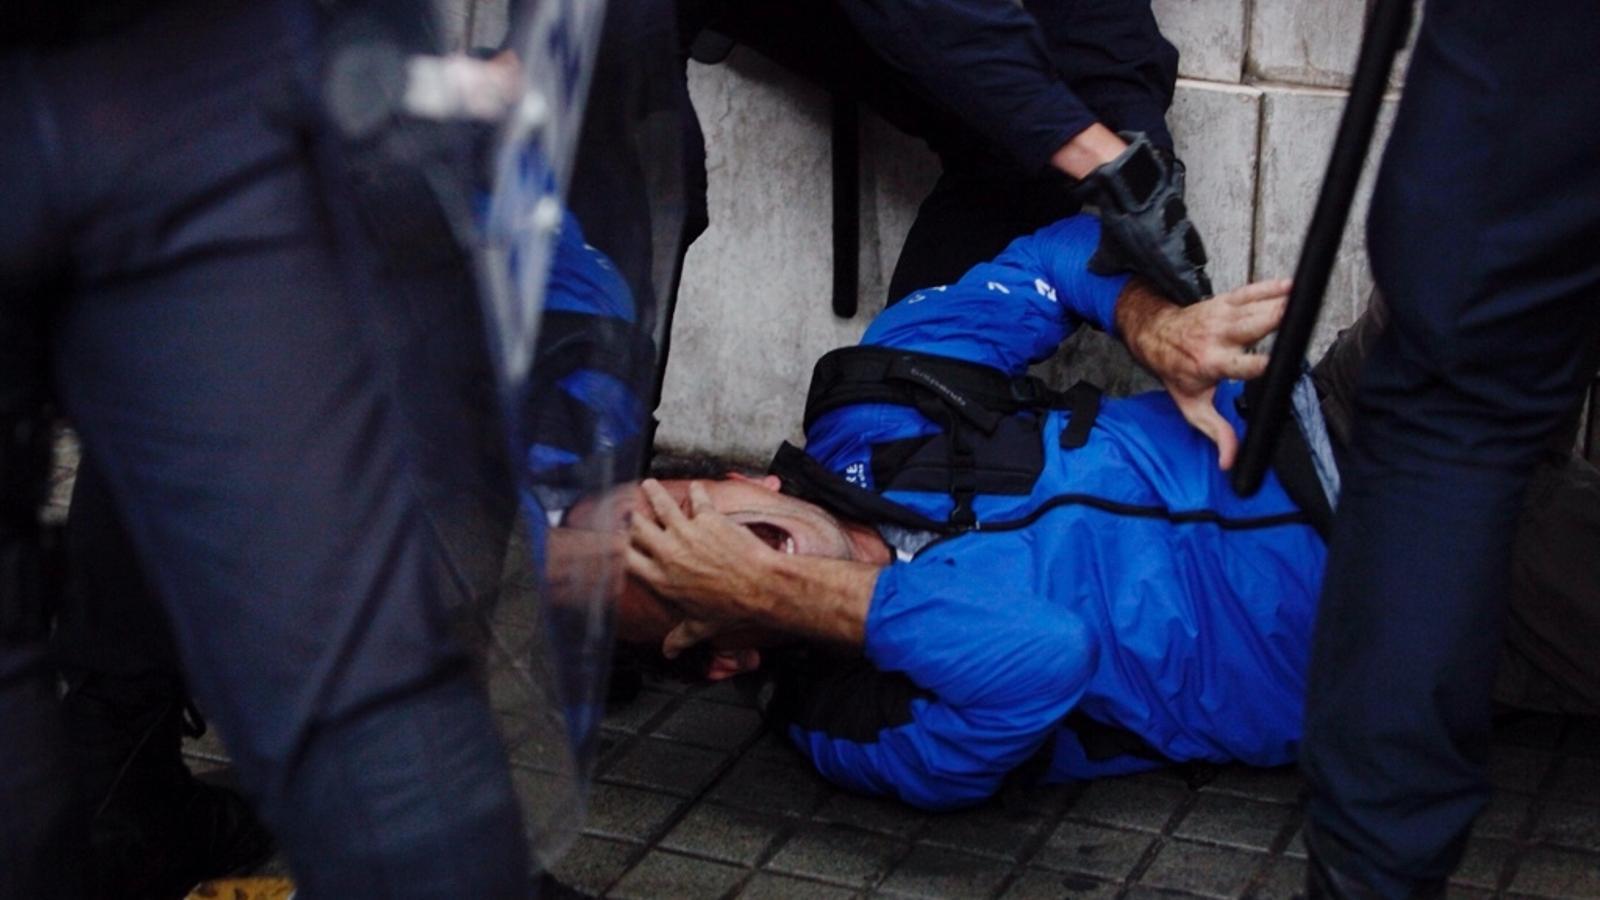 La repressió policial causa 844 ferits, un dels quals lesionat en un ull per una pilota de goma